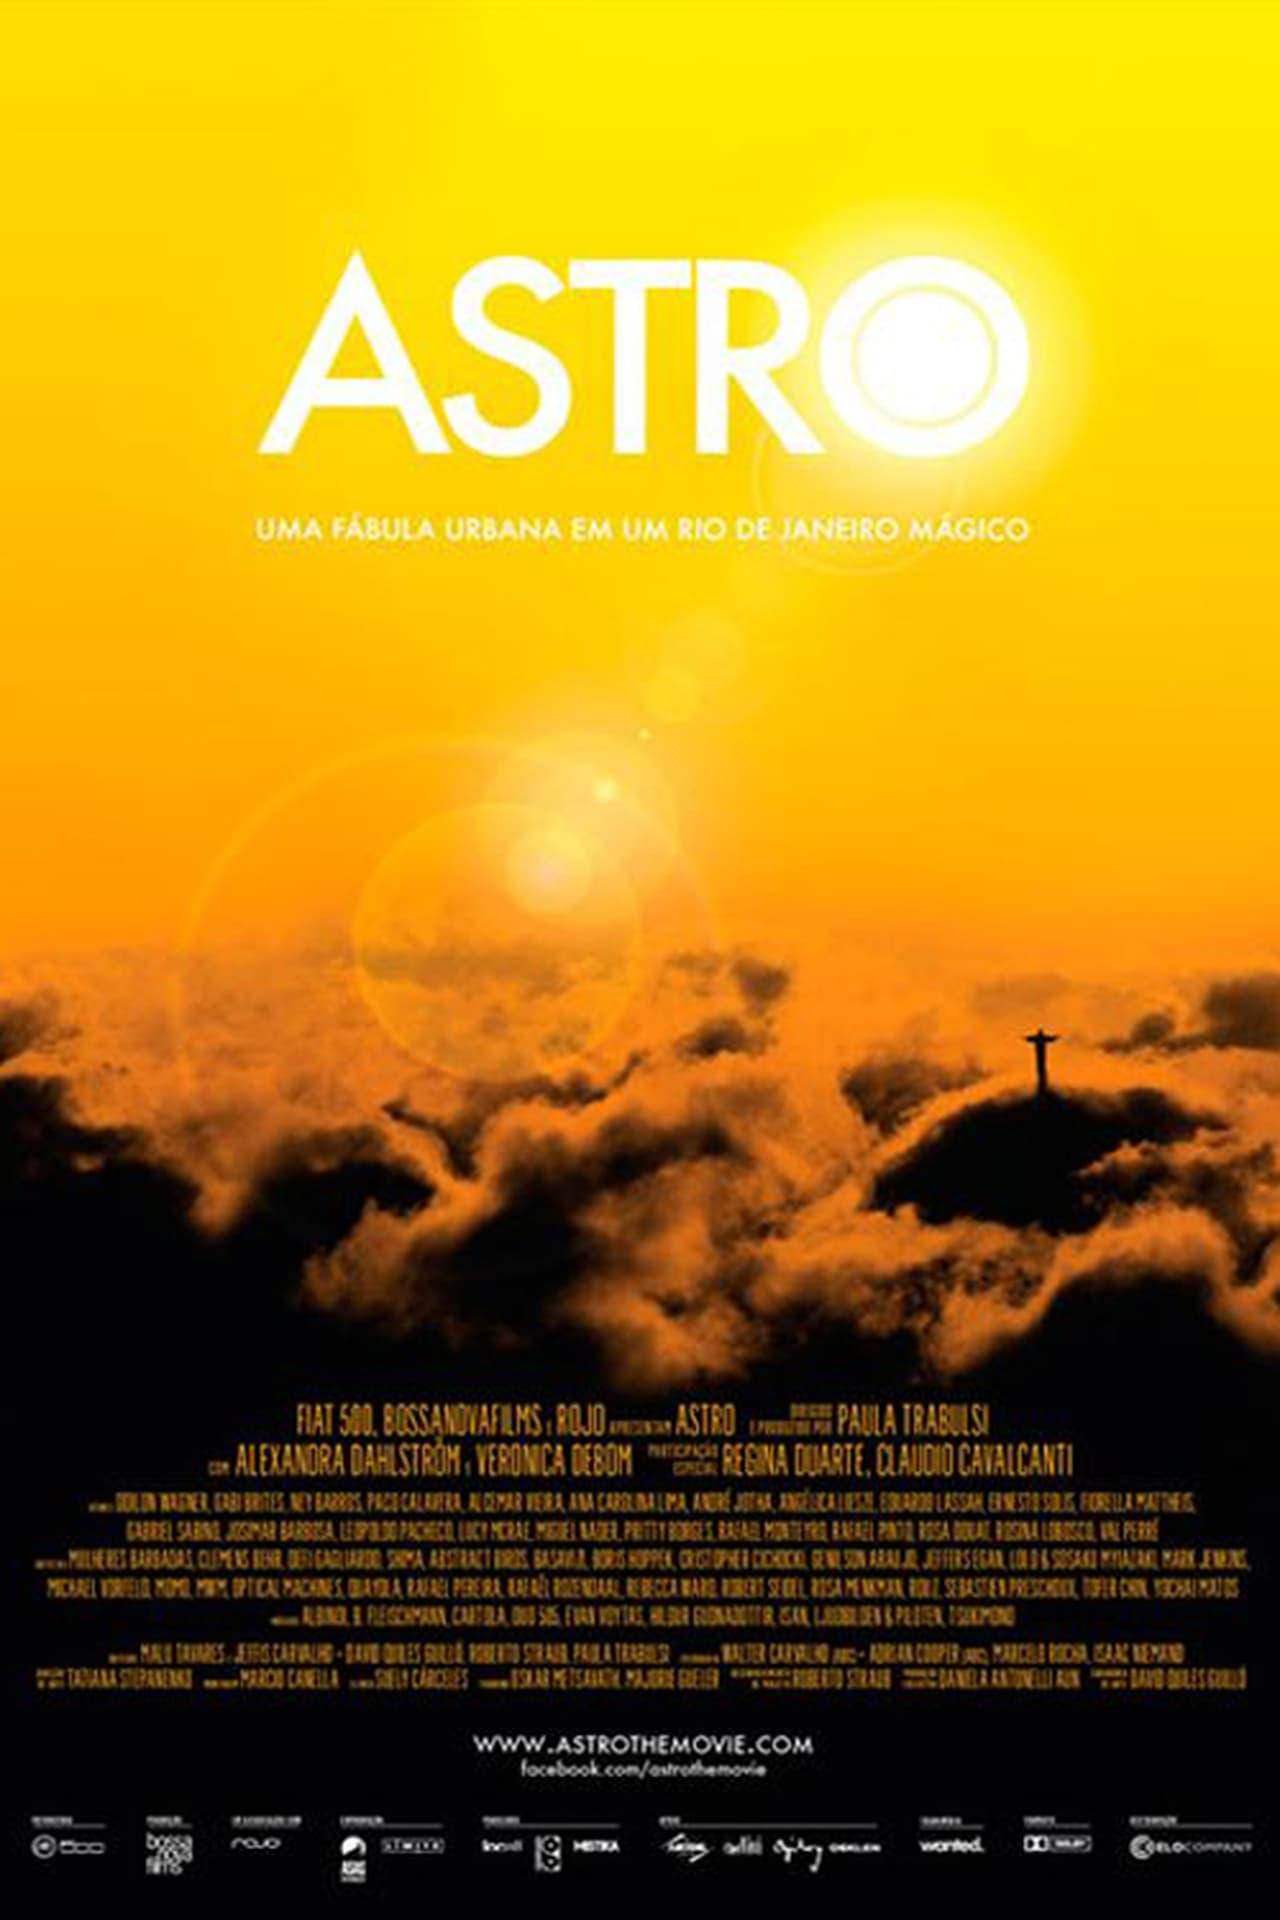 Astro - Uma Fábula Urbana em um Rio de Janeiro Mágico